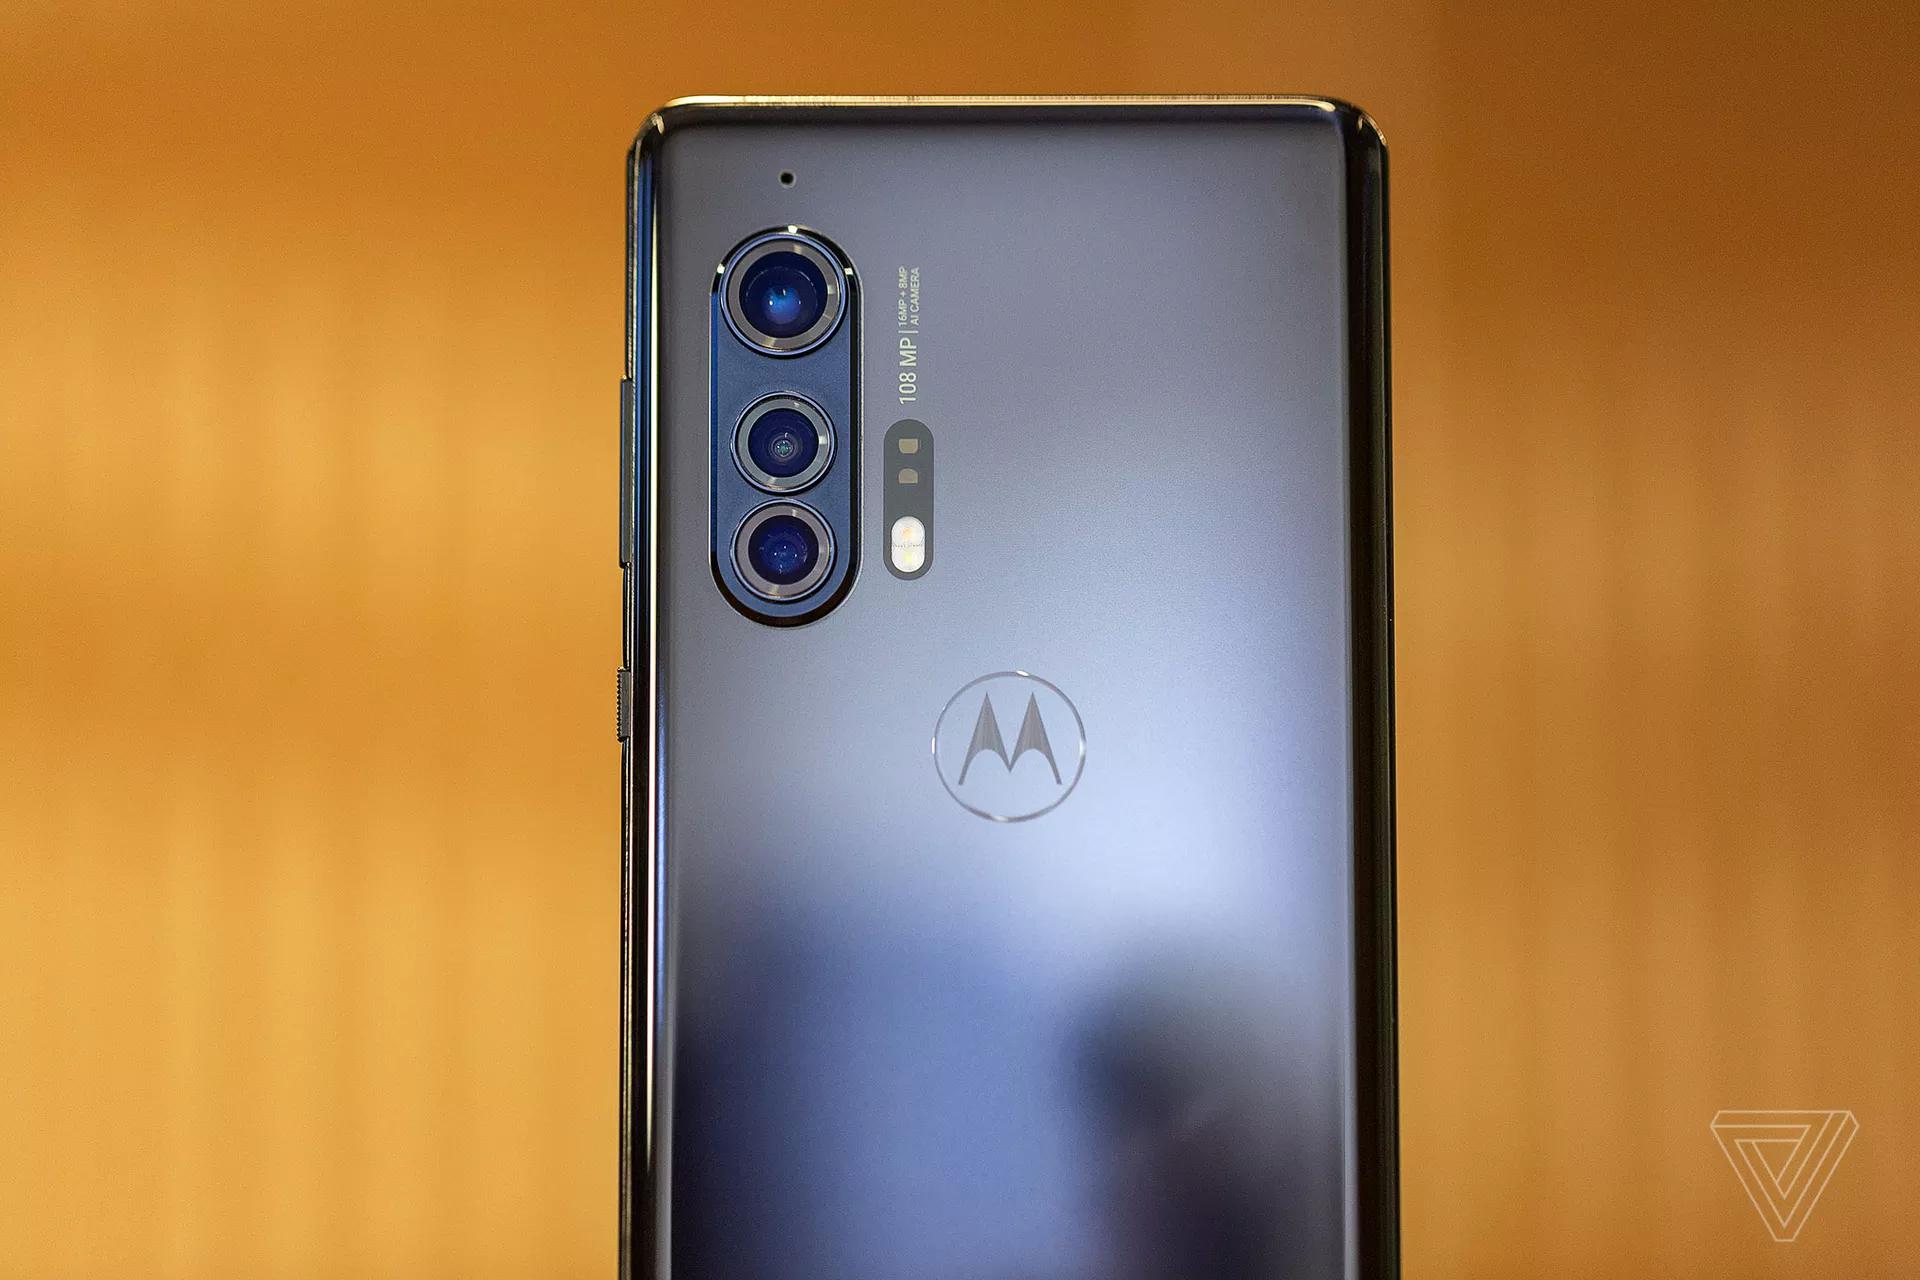 摩托罗拉EdgePlus可能是一款具有不错性价比的手机